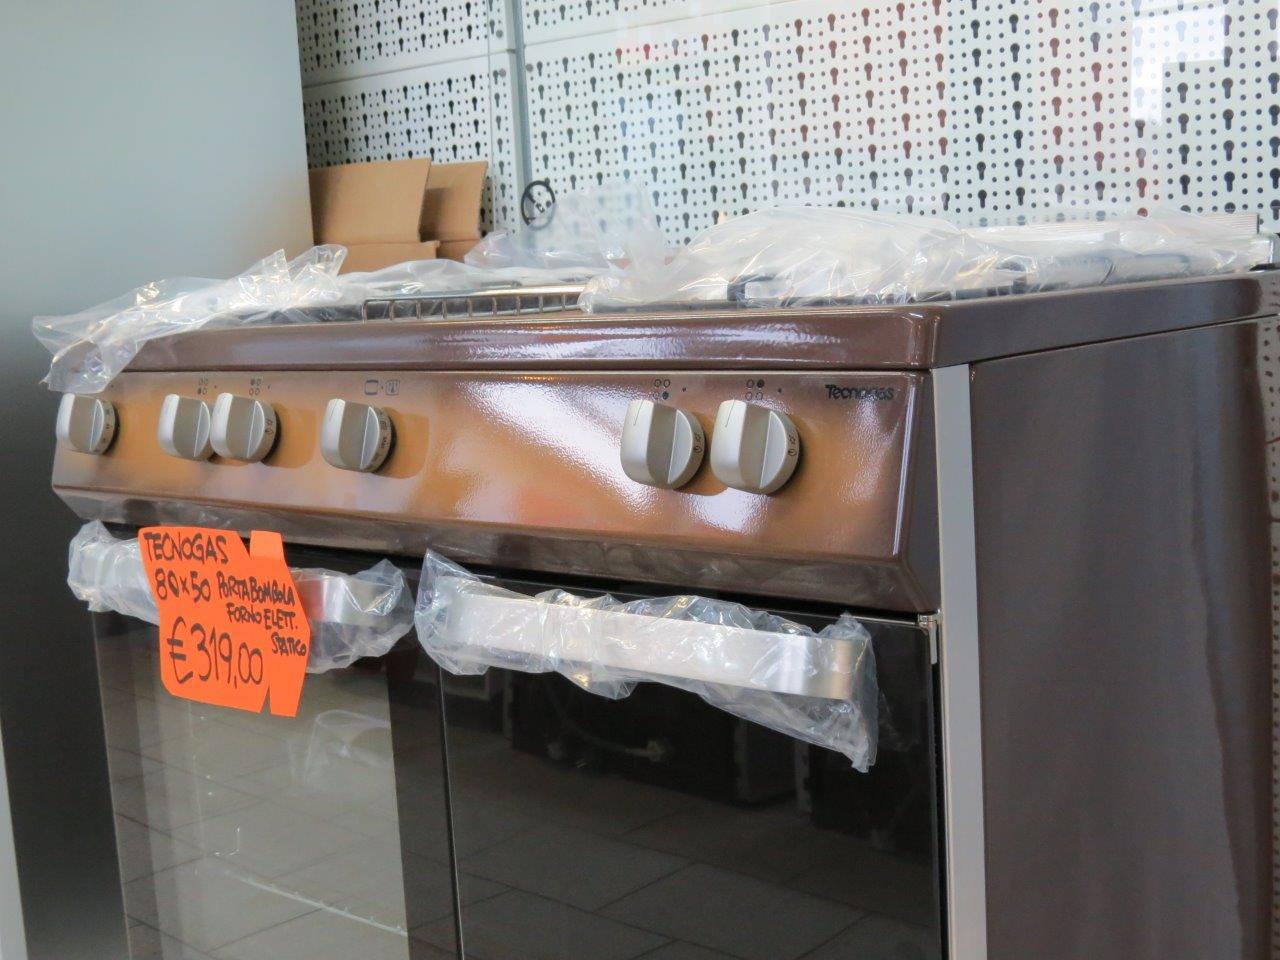 cucina tecnogas bombola 399€